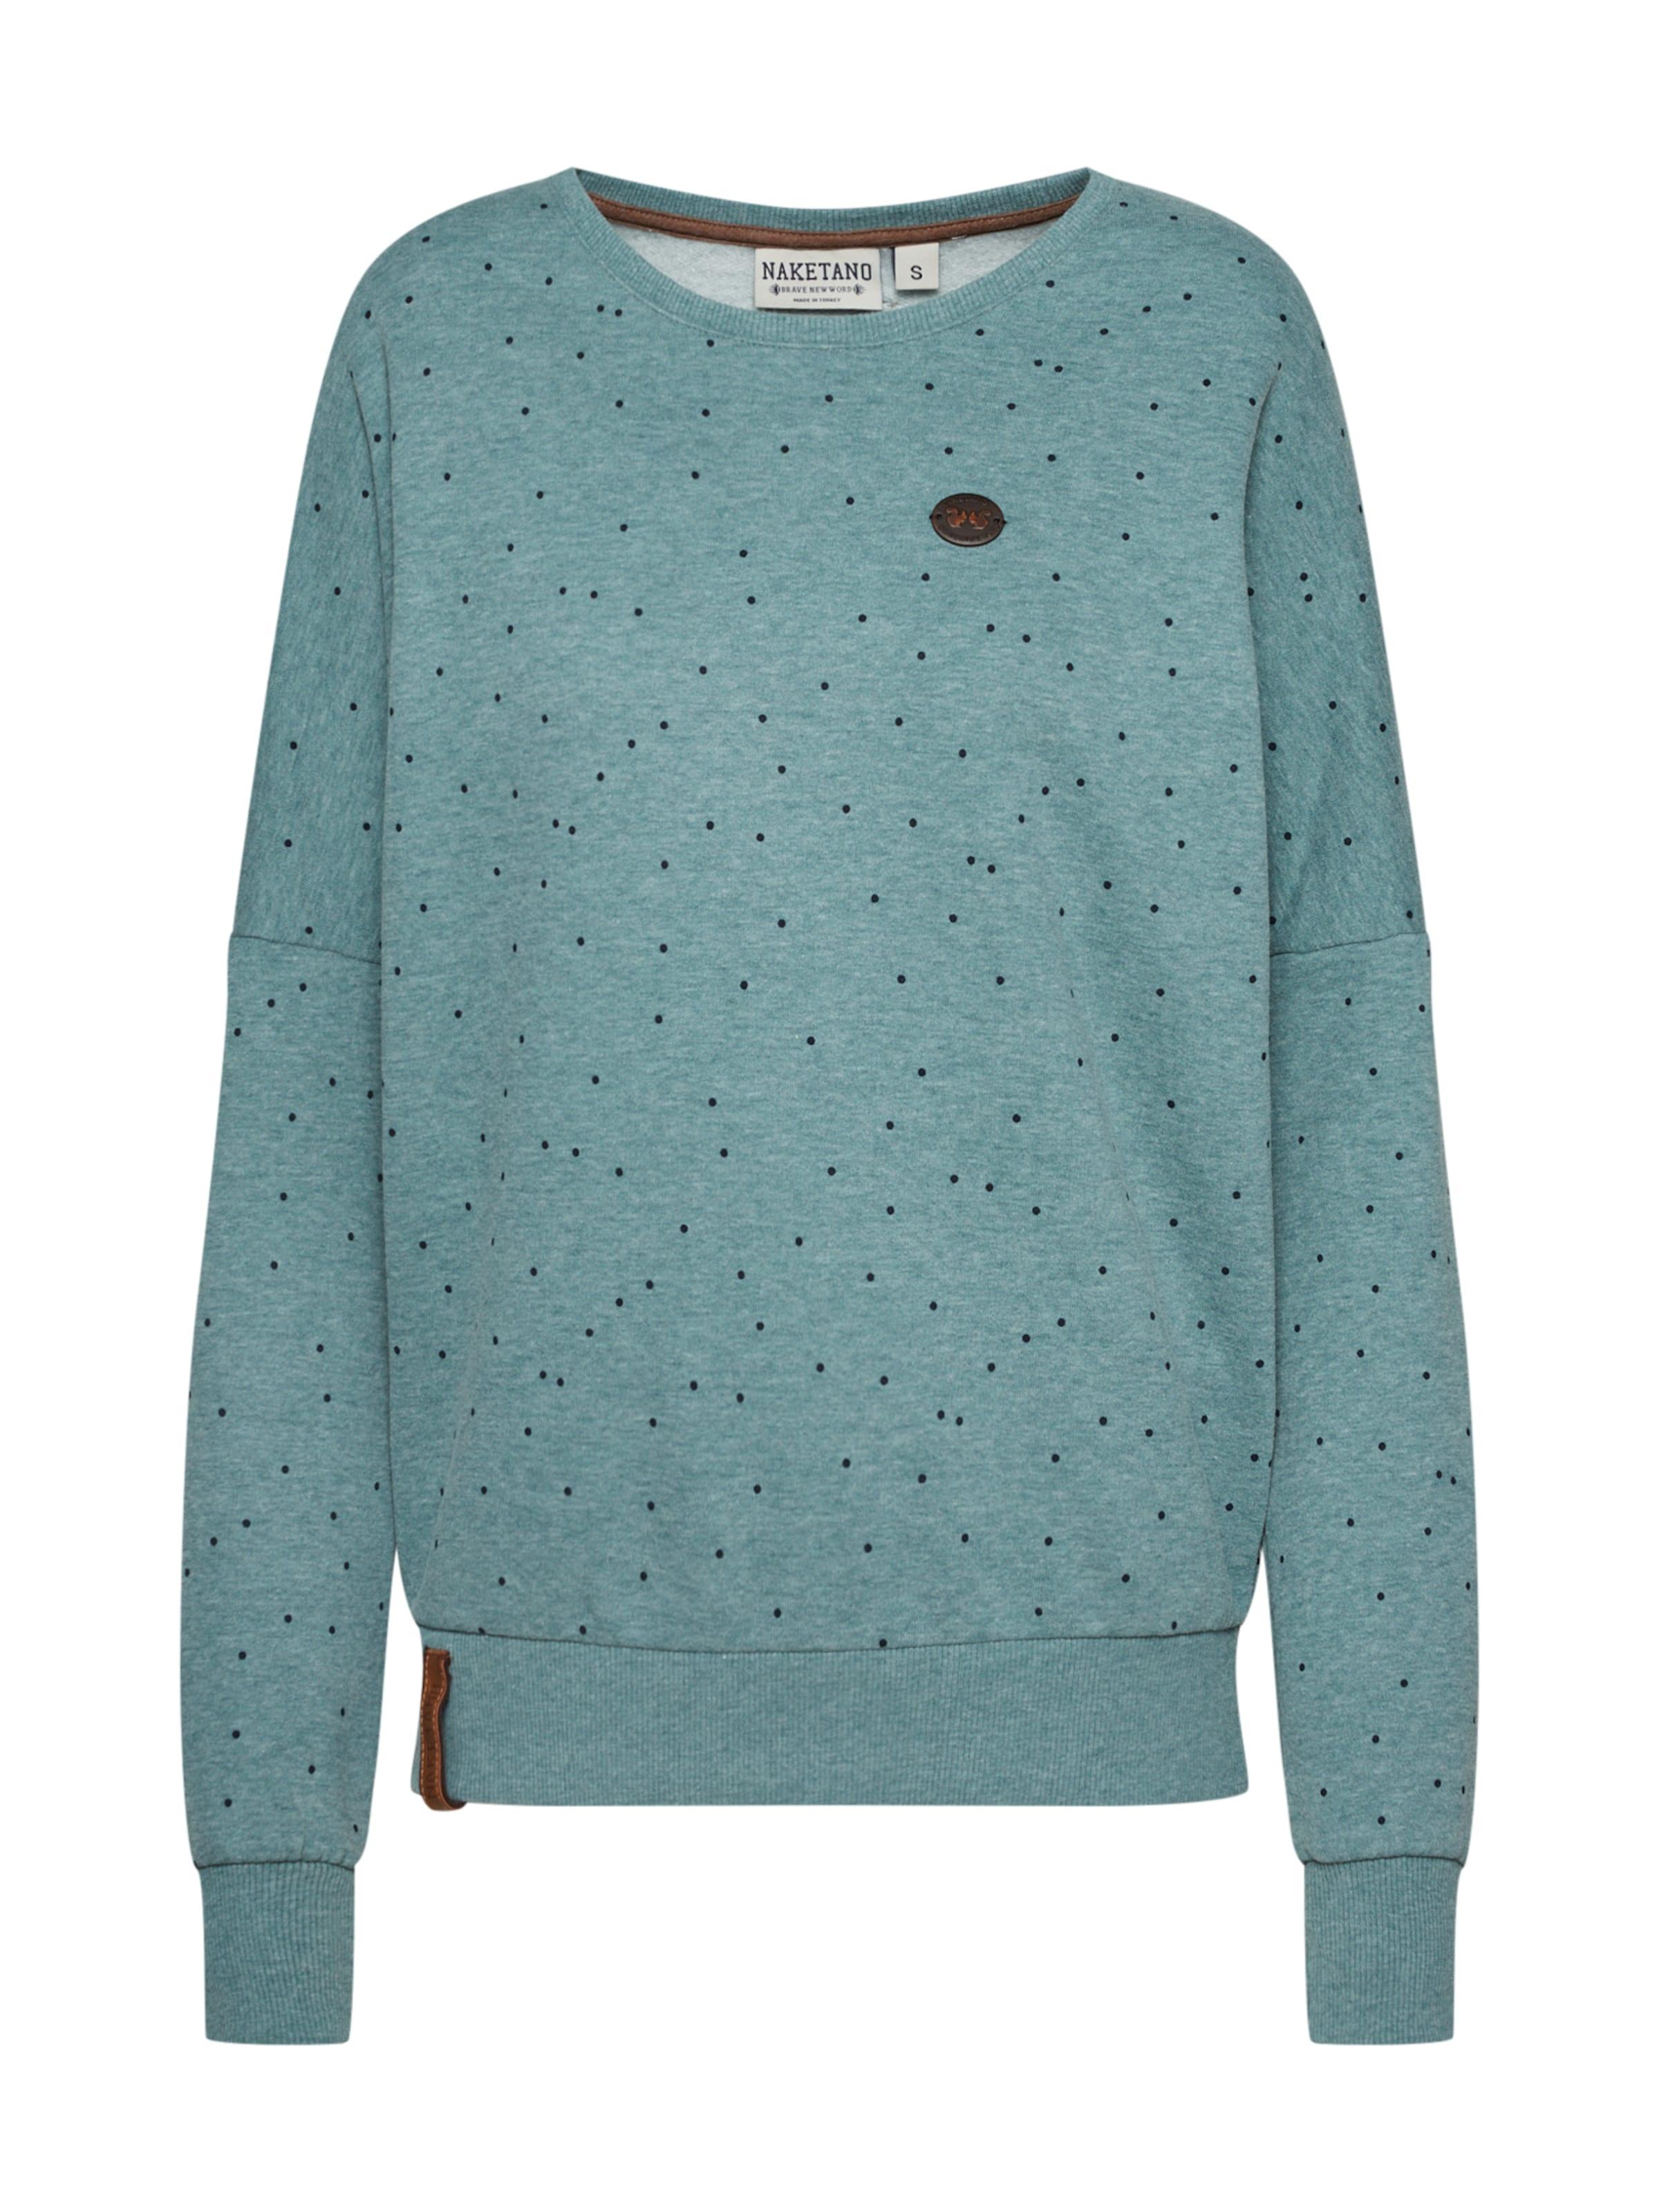 Sweat En Bleu Twerk' NuitGris Twerk 'twerk Chiné shirt Naketano bIfvYgm76y